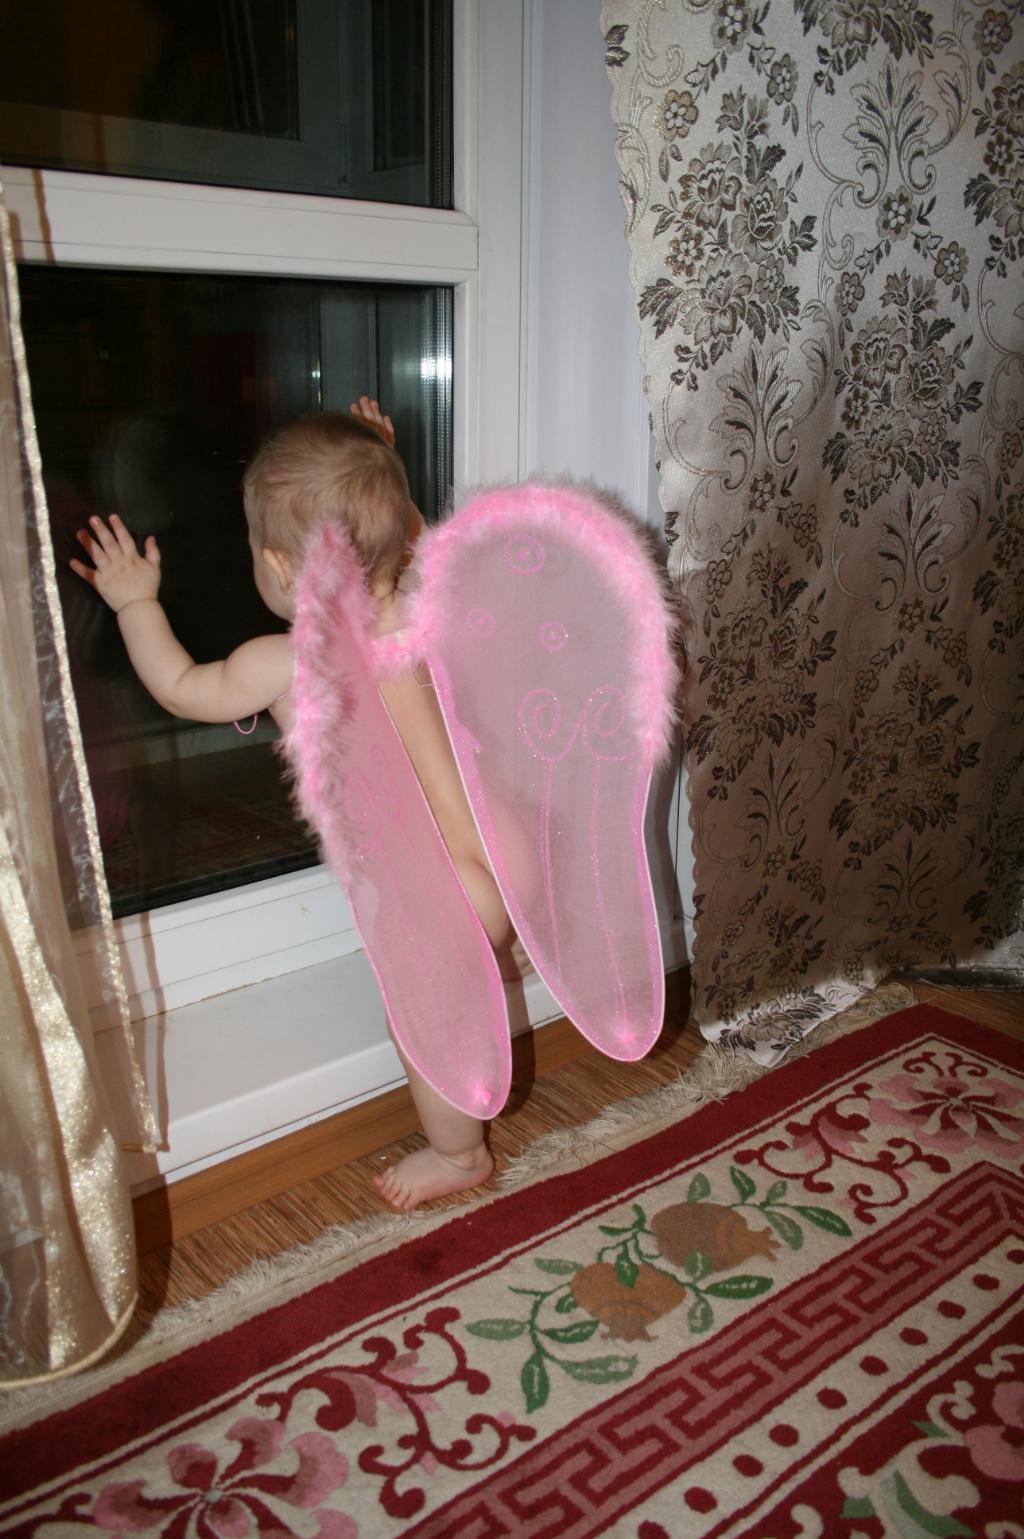 ангелу пора улетать. Новогодний карнавал